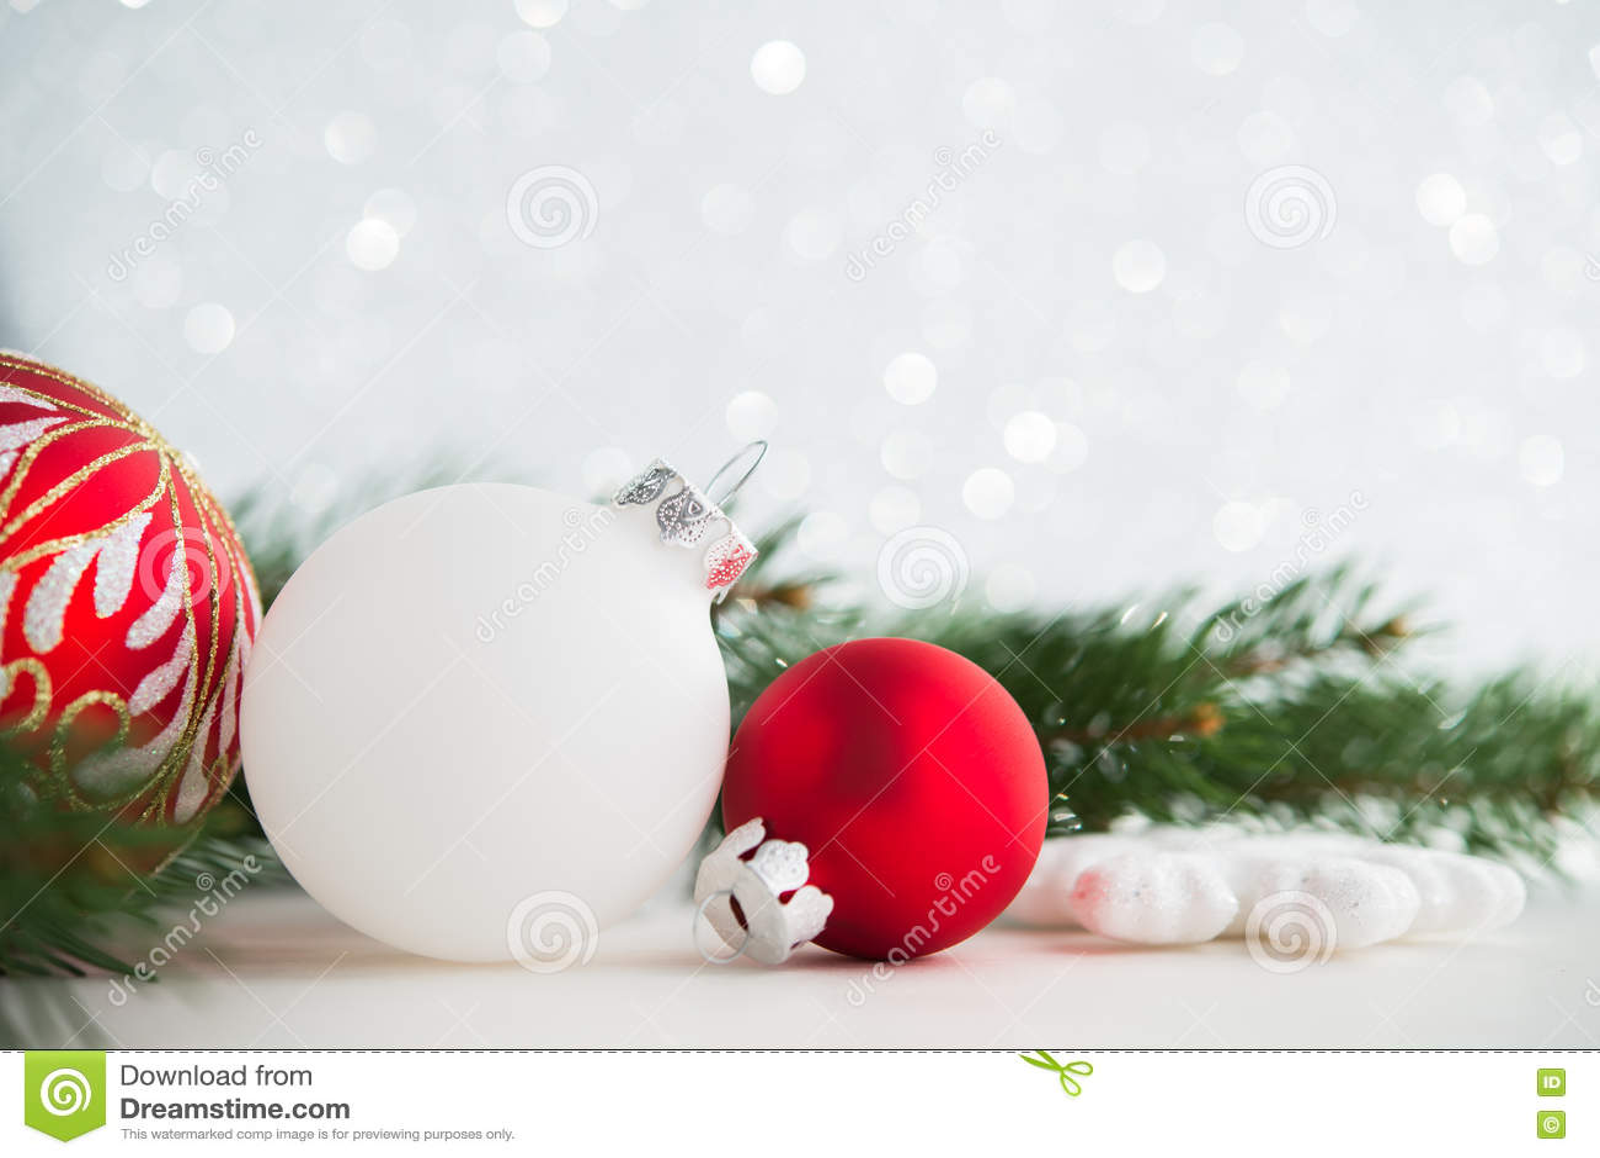 Ornamento vermelhos e brancos do xmas no fundo do feriado do brilho Cartão do Feliz Natal